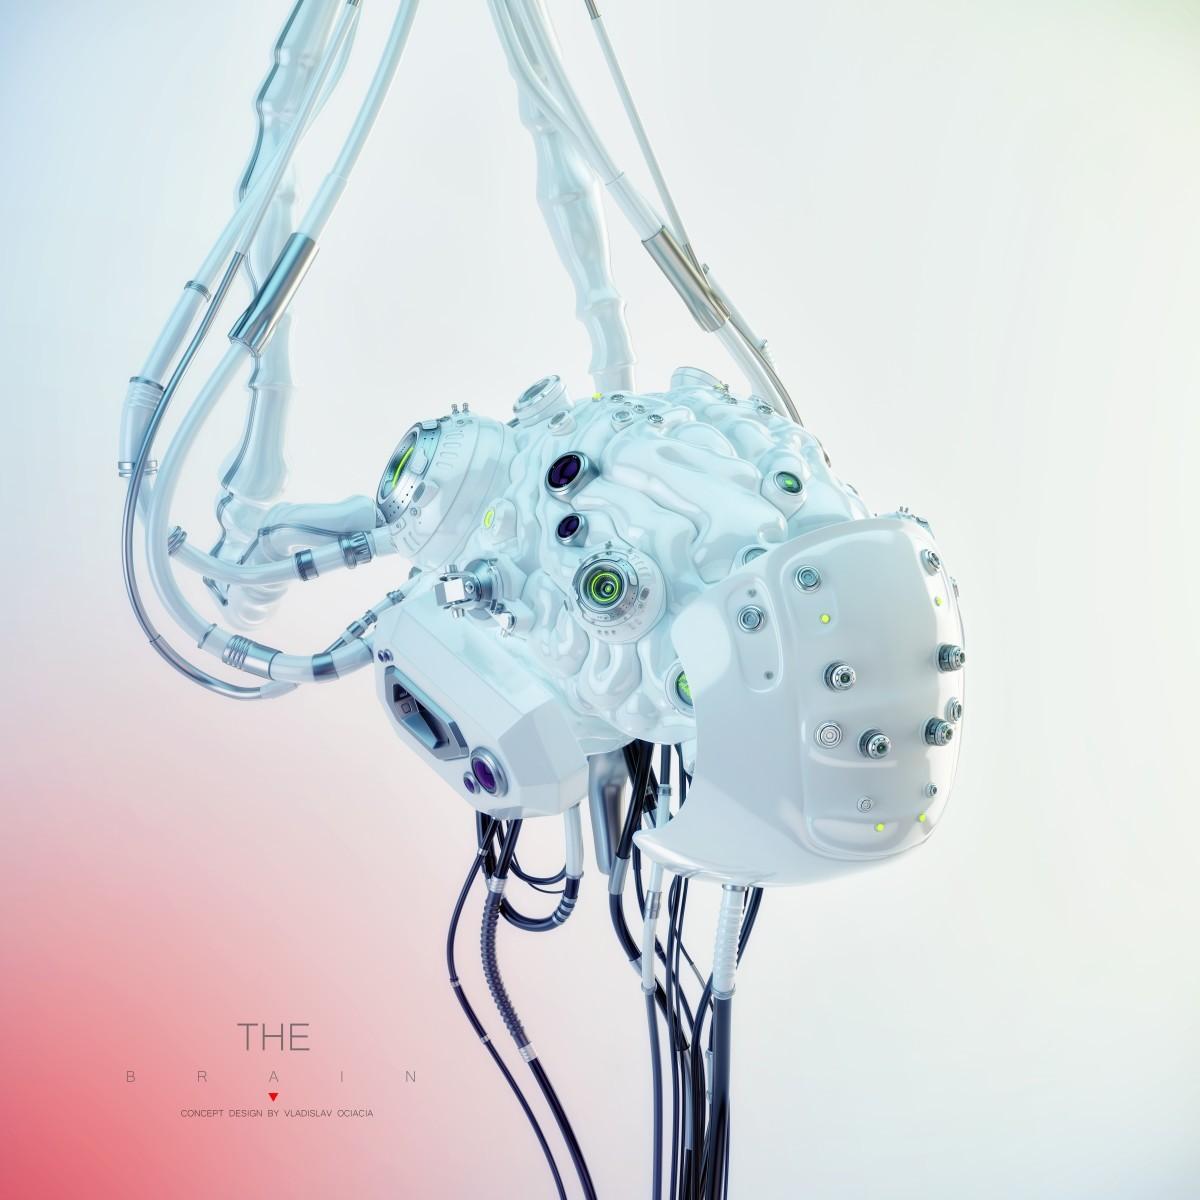 Vladislav ociacia robotic brain 10